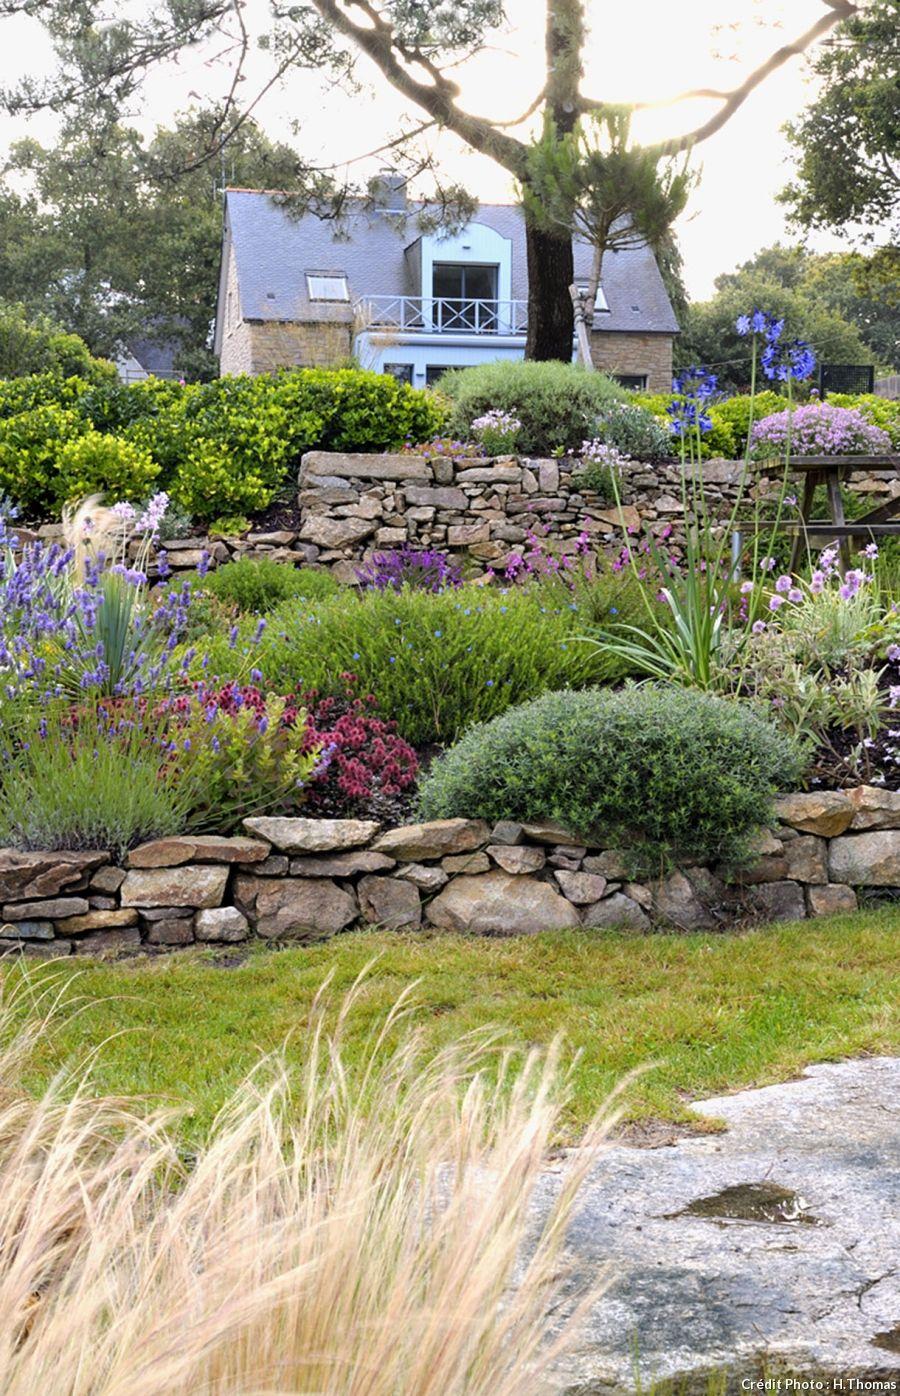 Un Jardin Breton D'agapanthes Et D'hortensias Bleus à Parterre Devant Maison